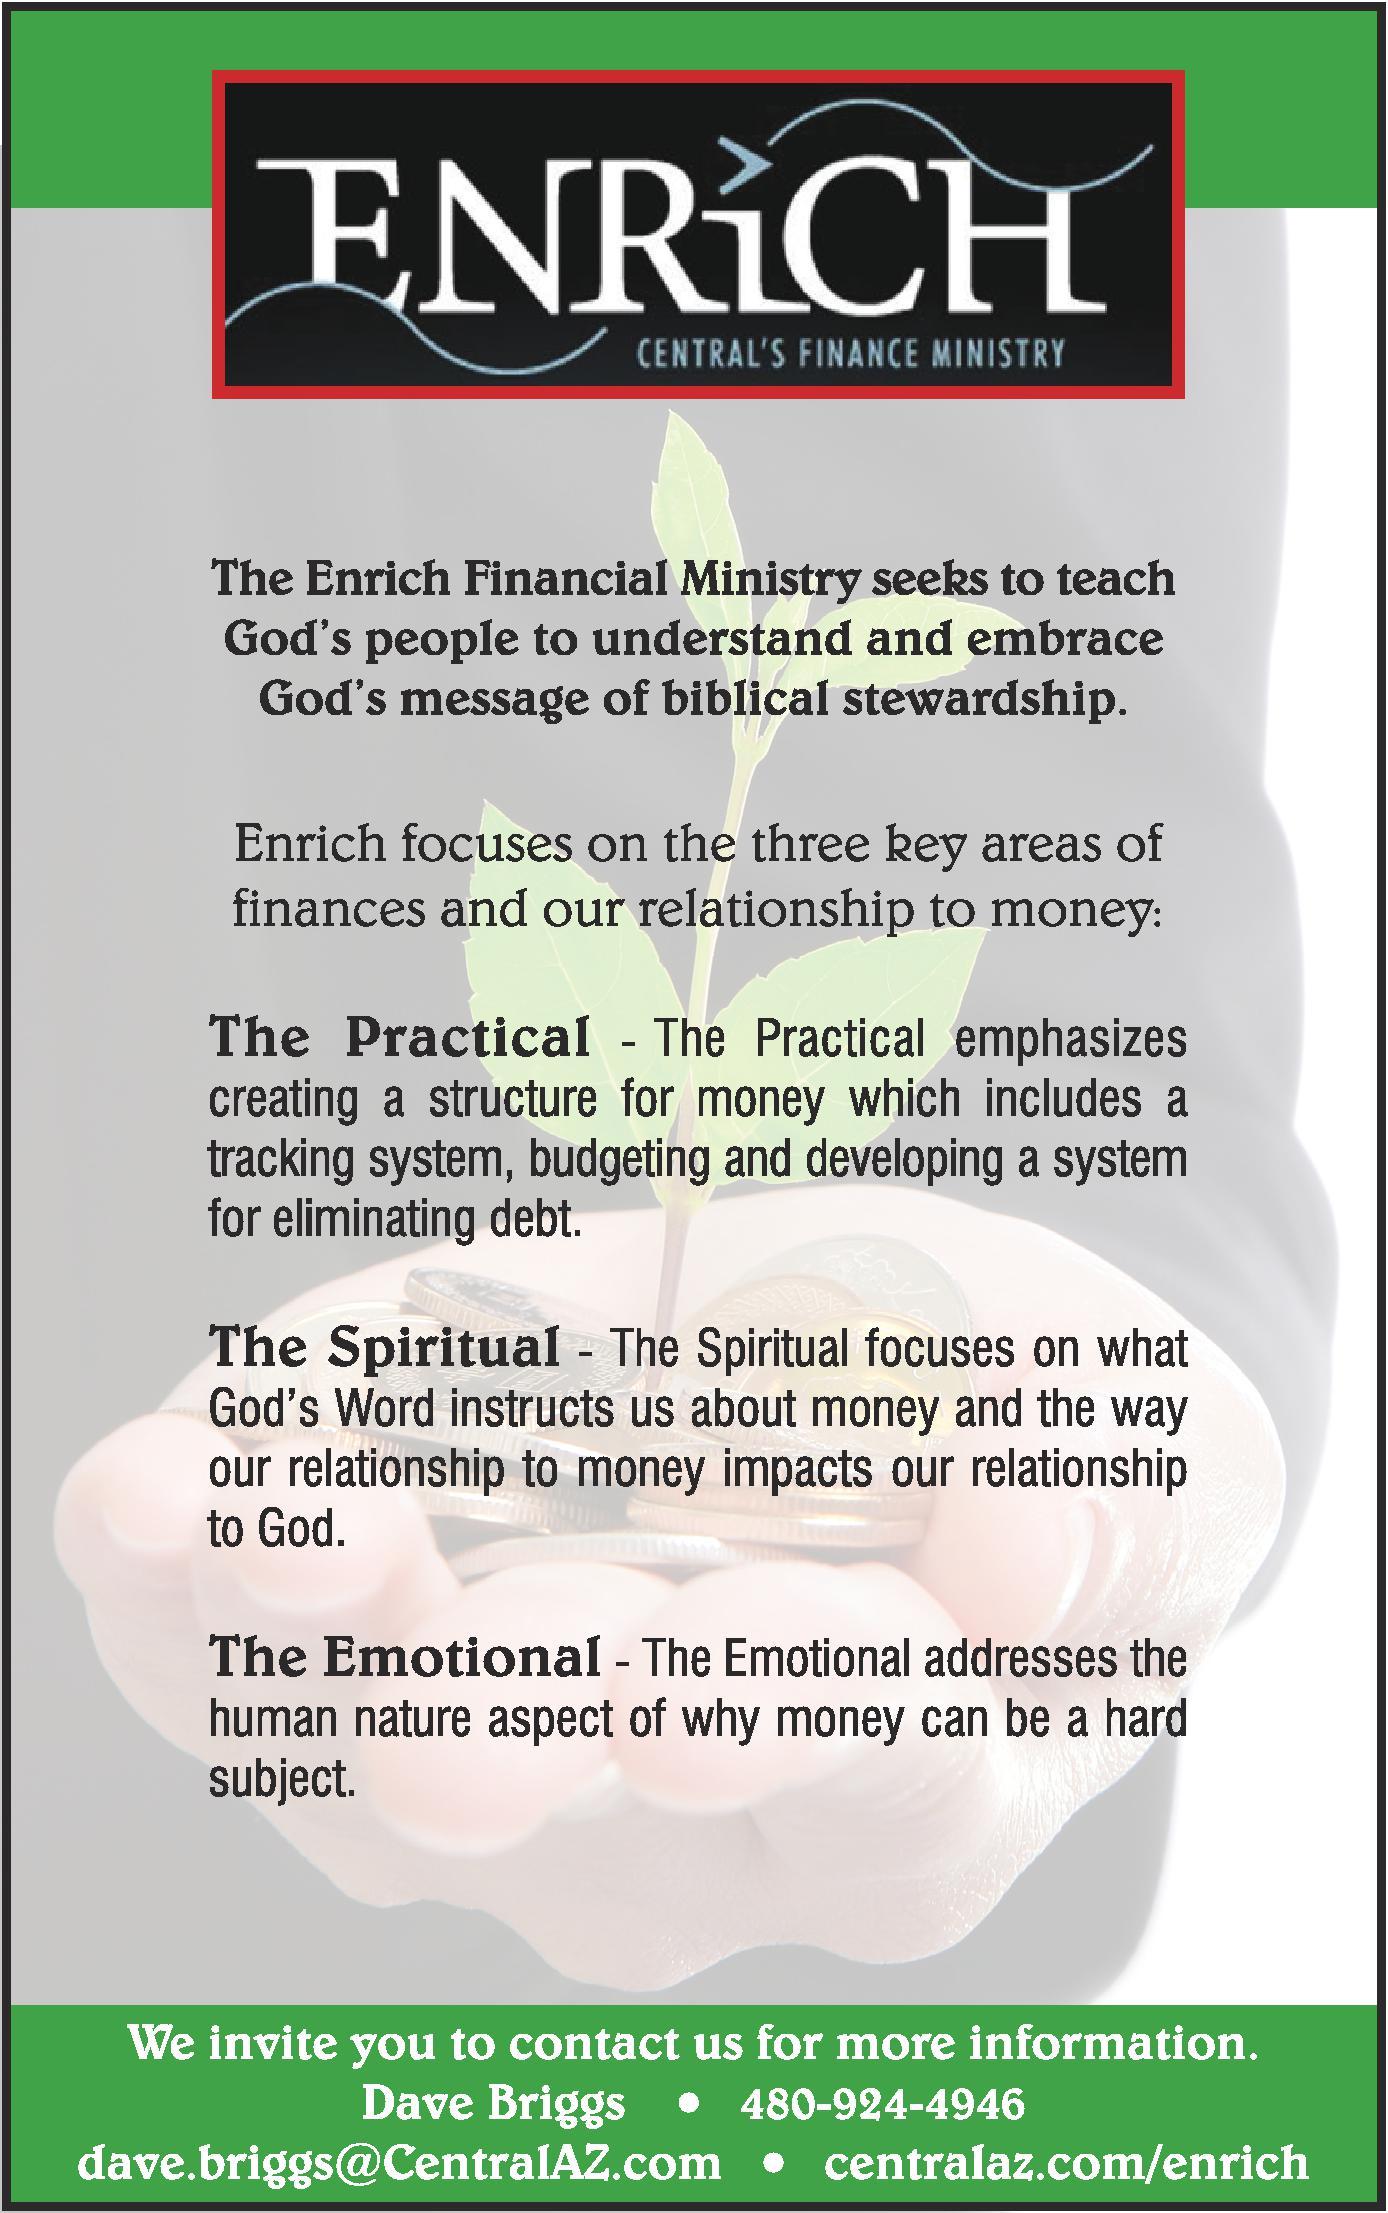 Enrich Financial